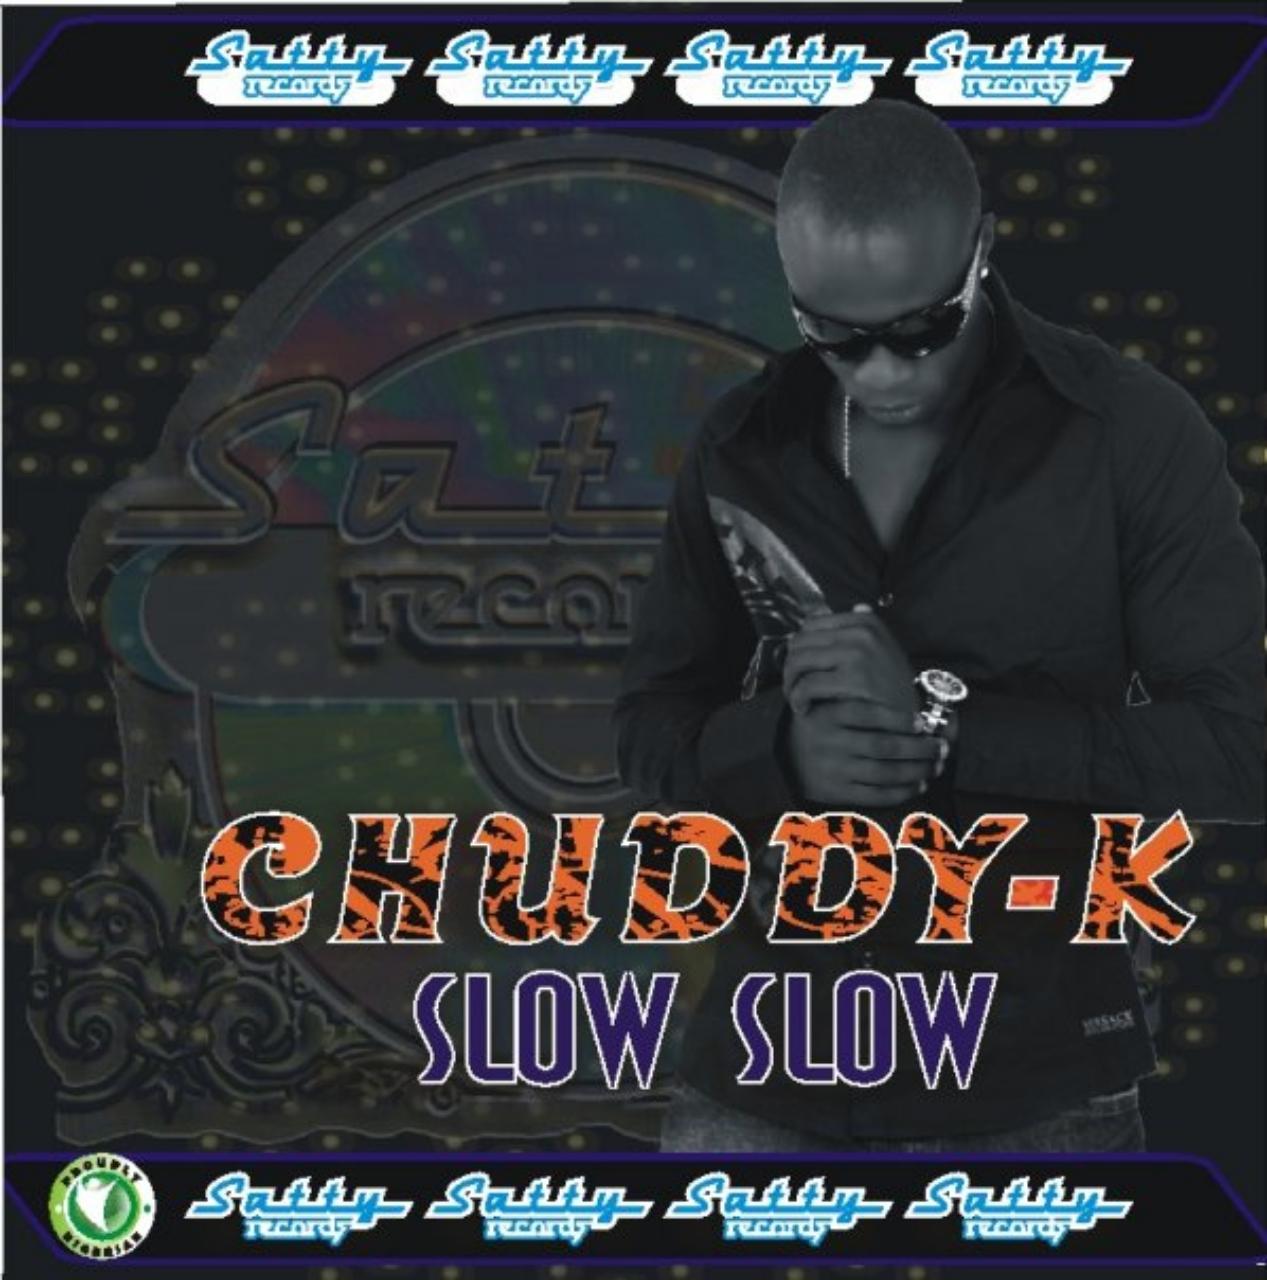 Chuddy K - Slow Slow Artwork   AceWorldTeam.com